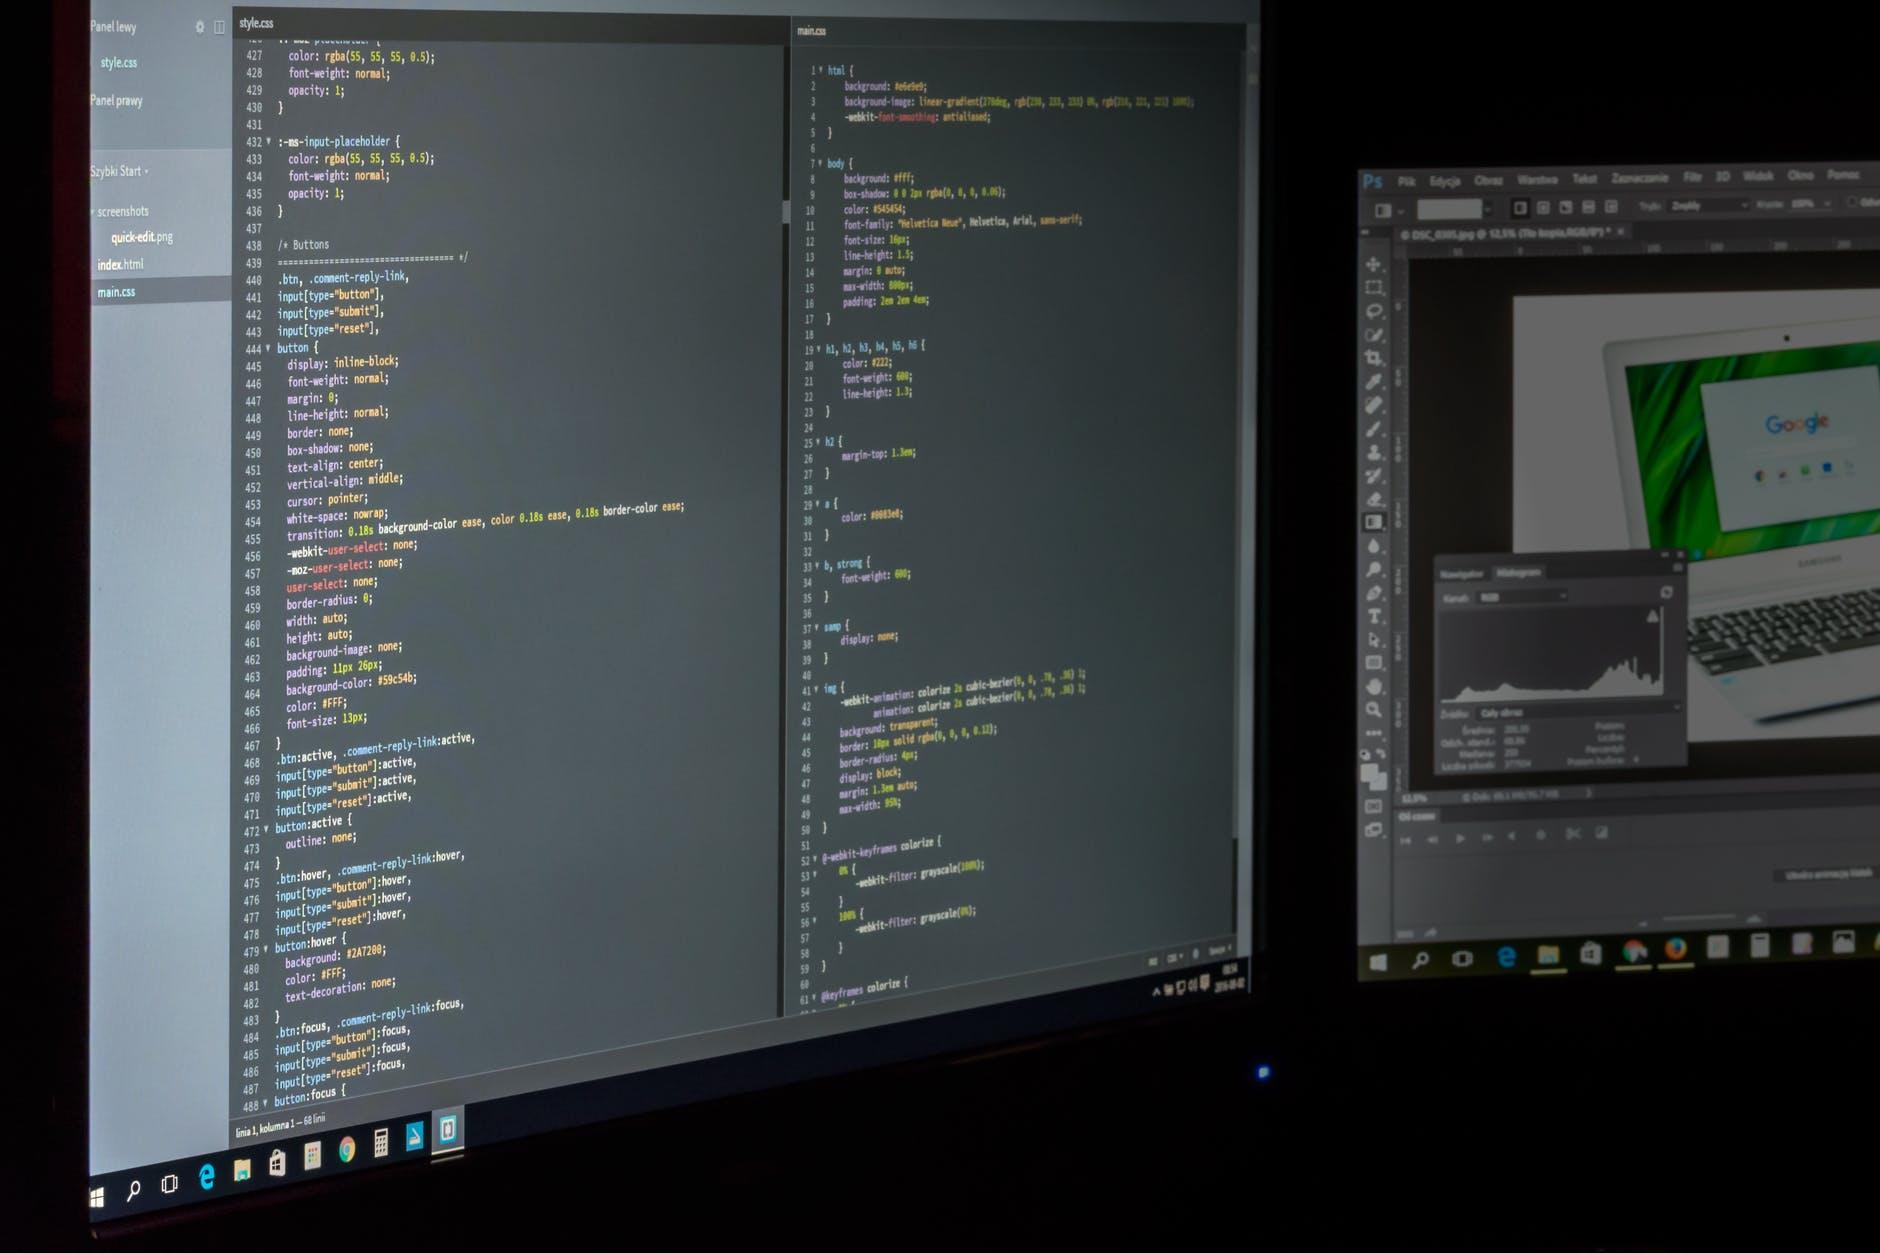 تصميم الجرافيك العمل على تعلم مهارات البرمجيات الخاصة دليلك الكامل للعمل في مجال تصميم الجرافيك